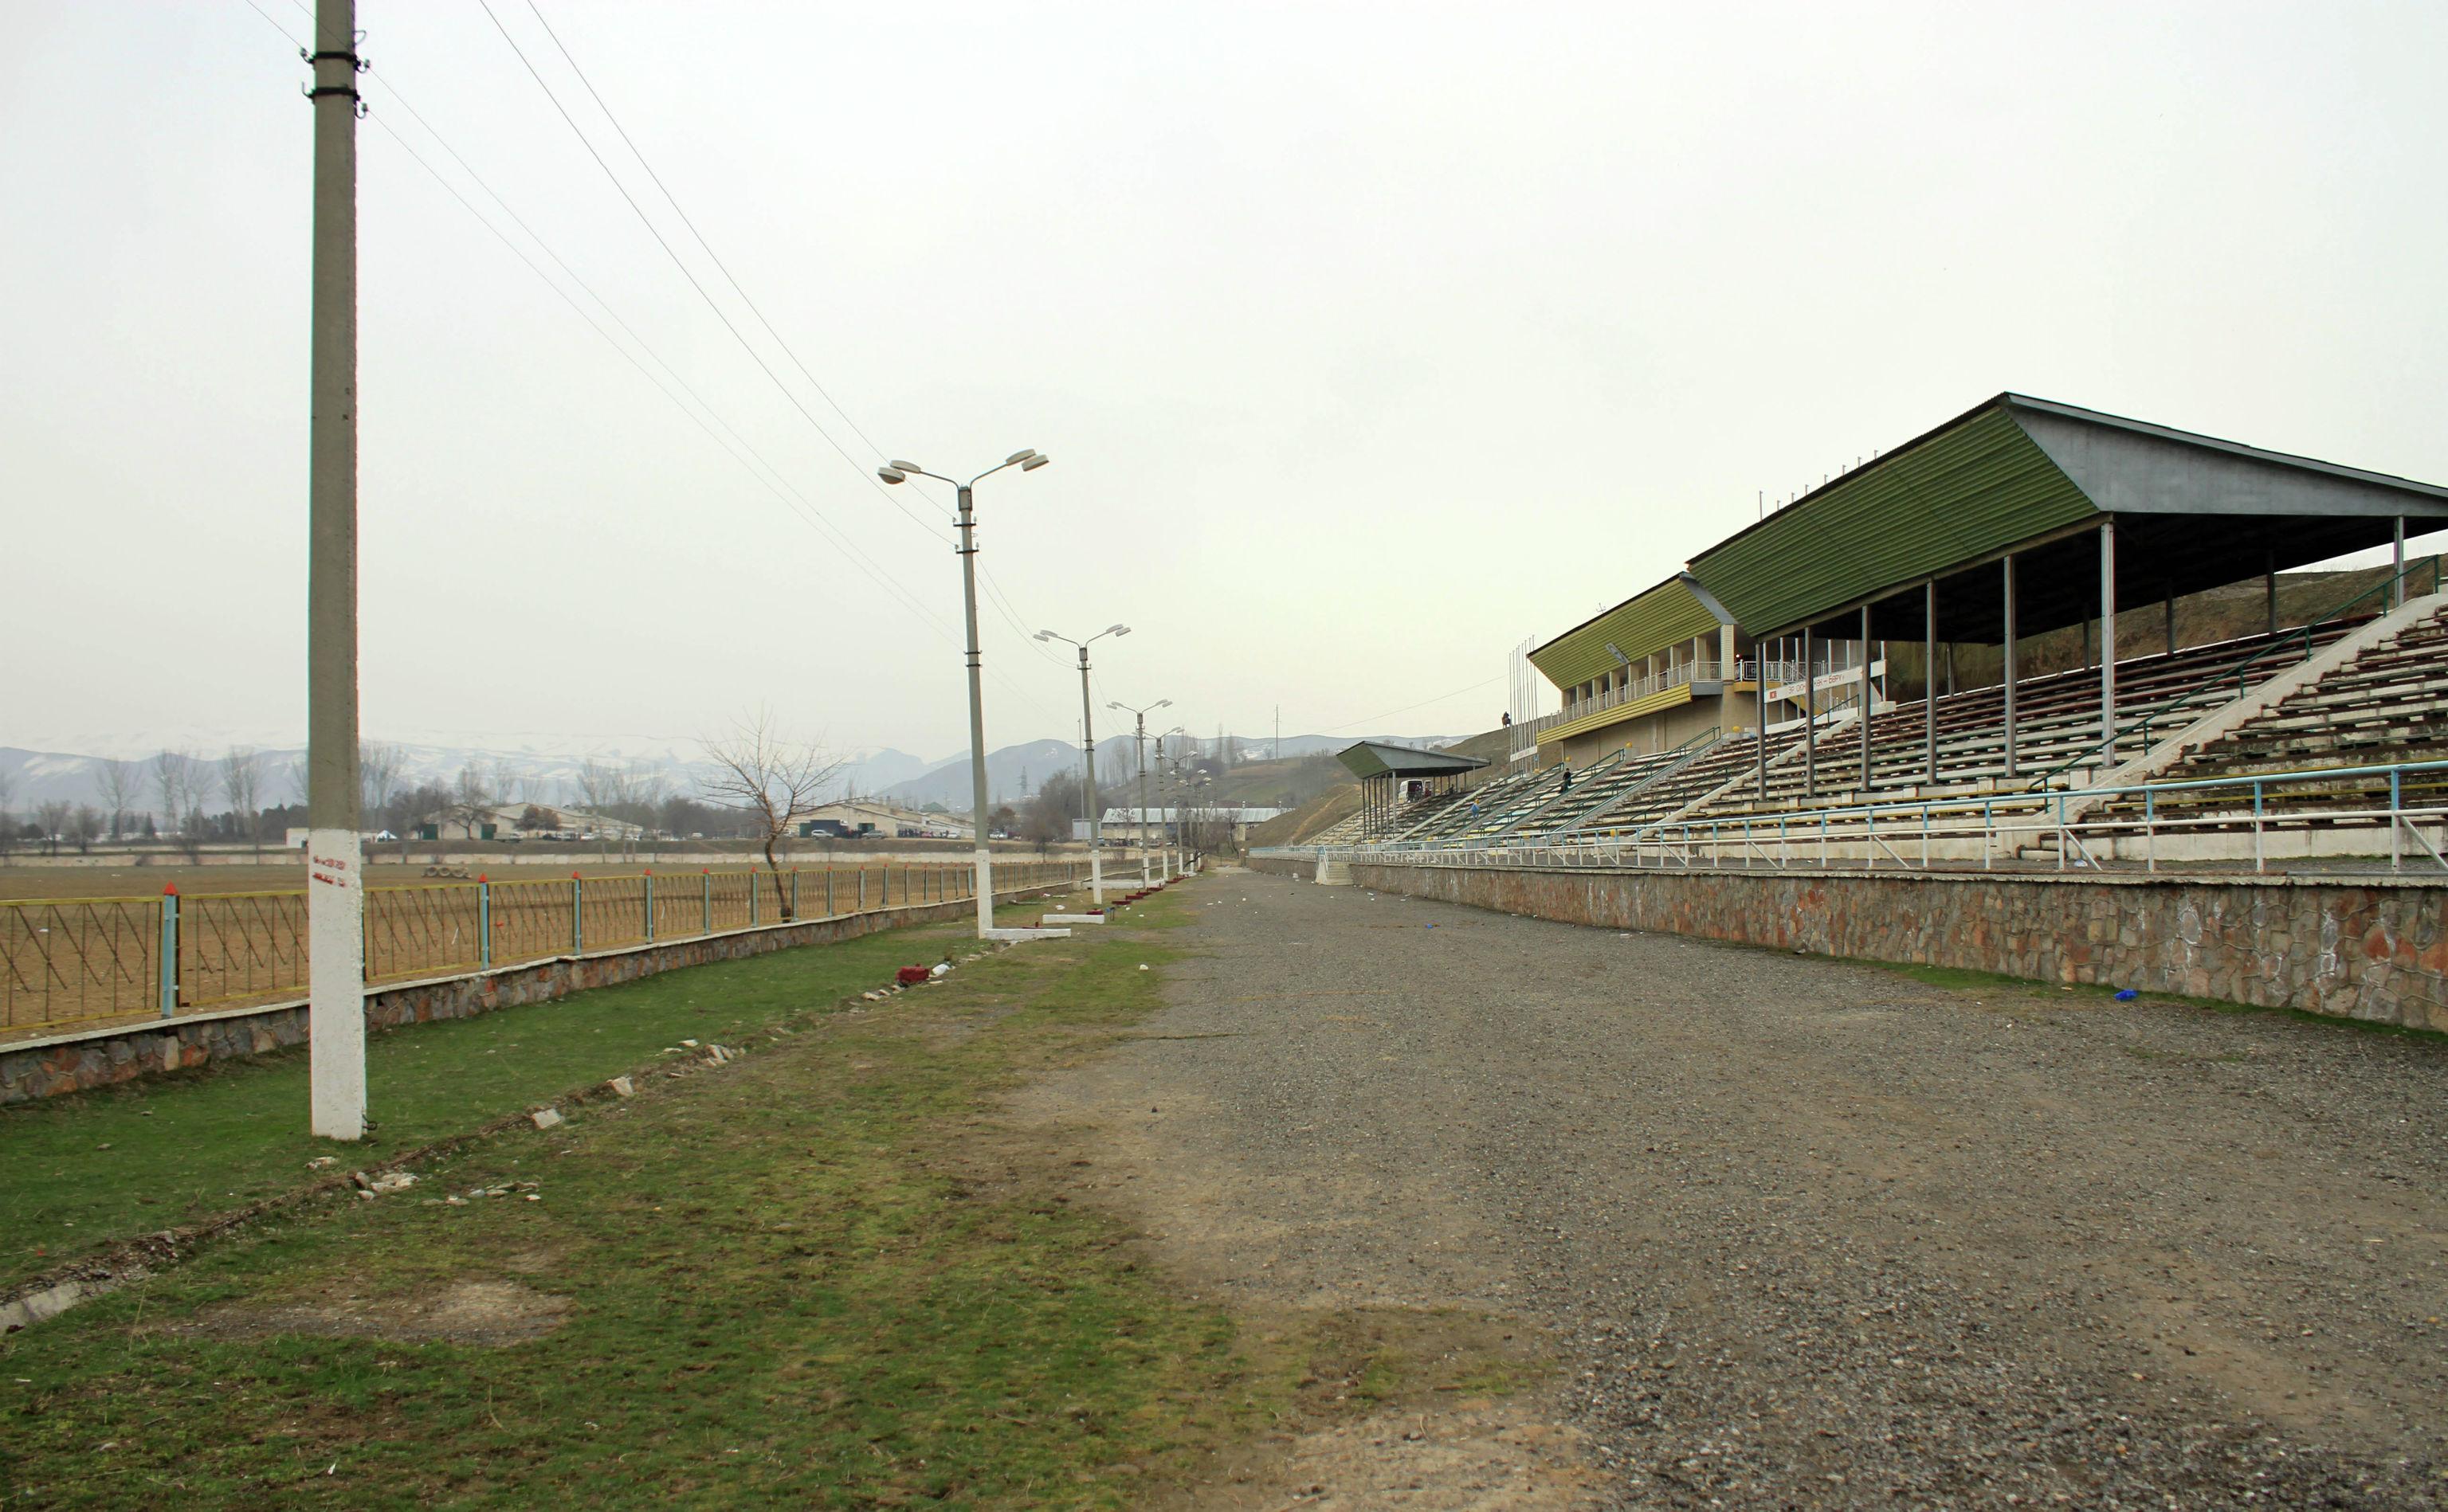 Ипподром Телтору находится в селе Ынтымак в Сузакском районе Джалал-Абада